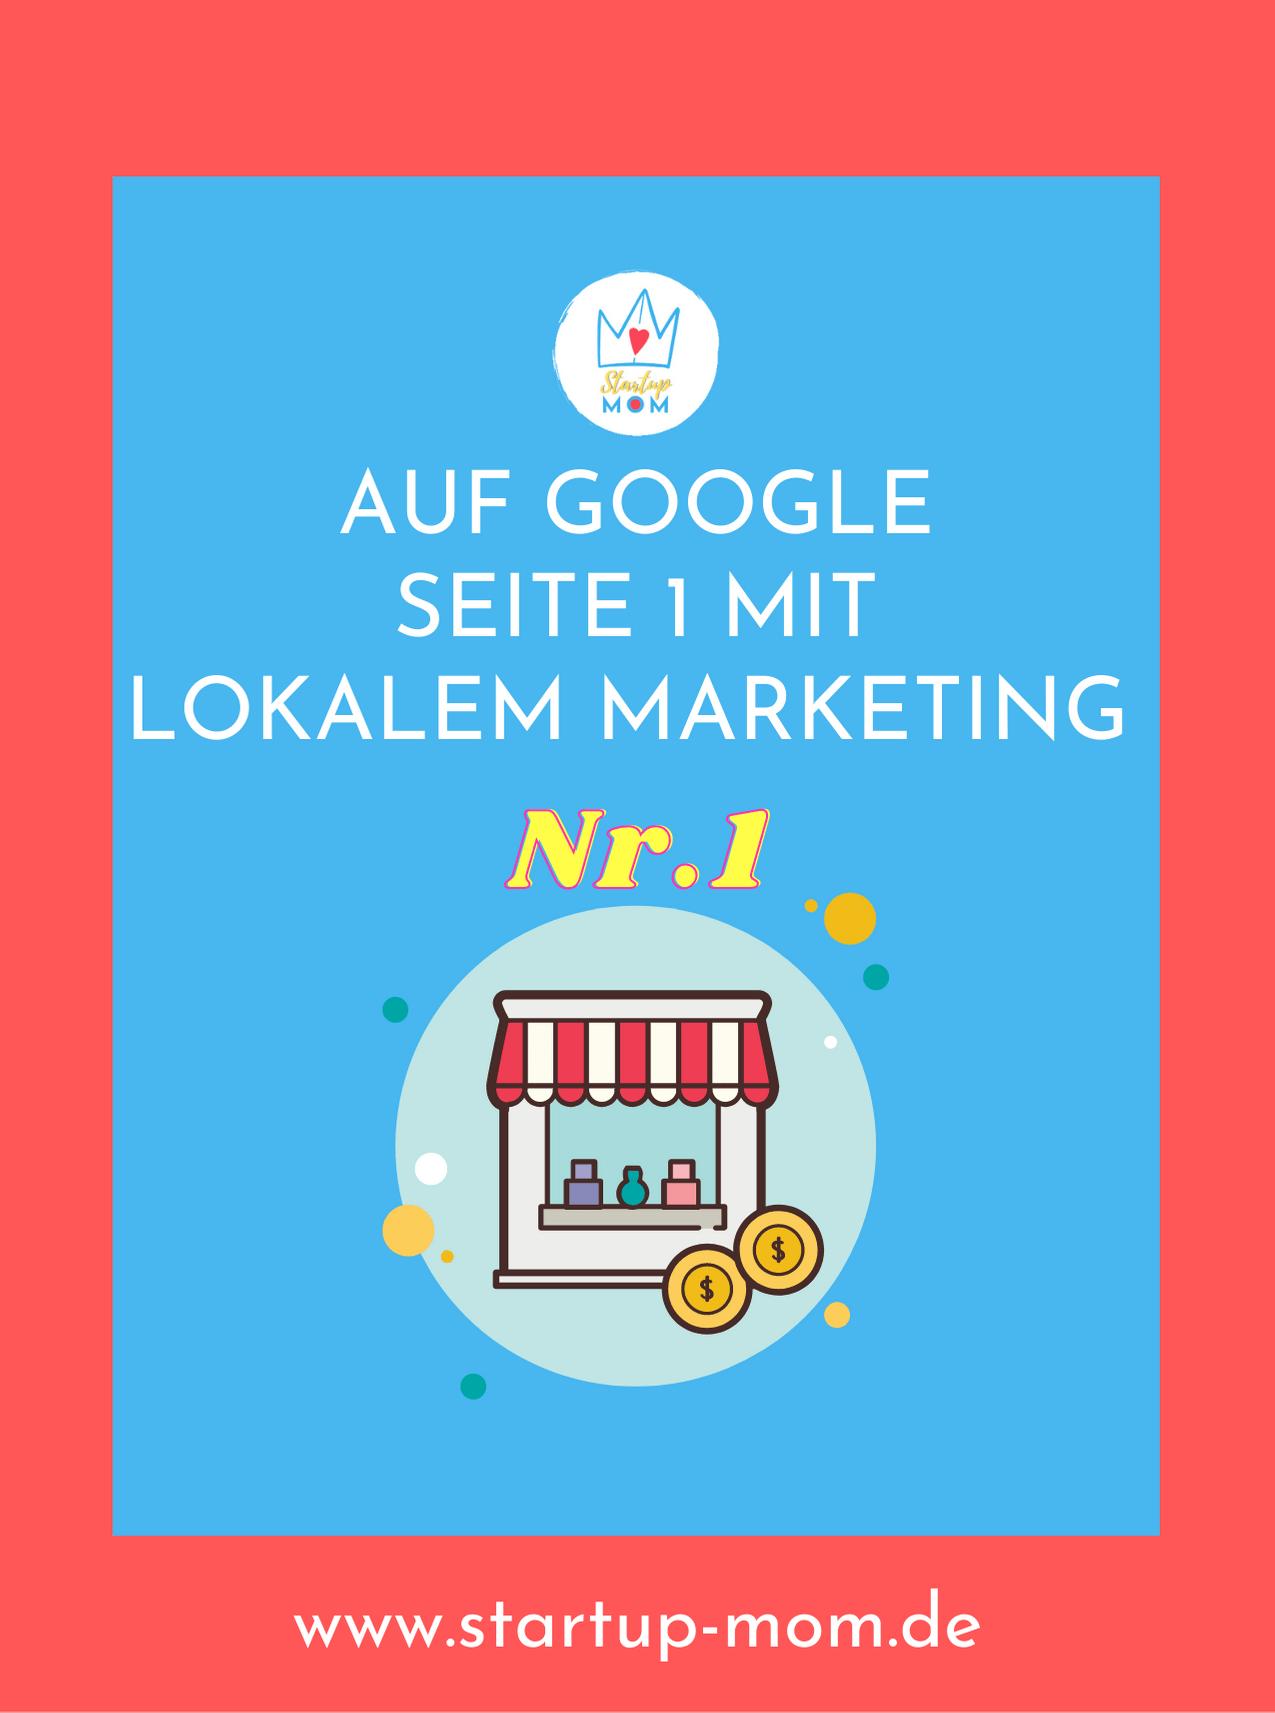 SEO mit lokalem Marketing - Freebie zum Download von Startup-mom.de